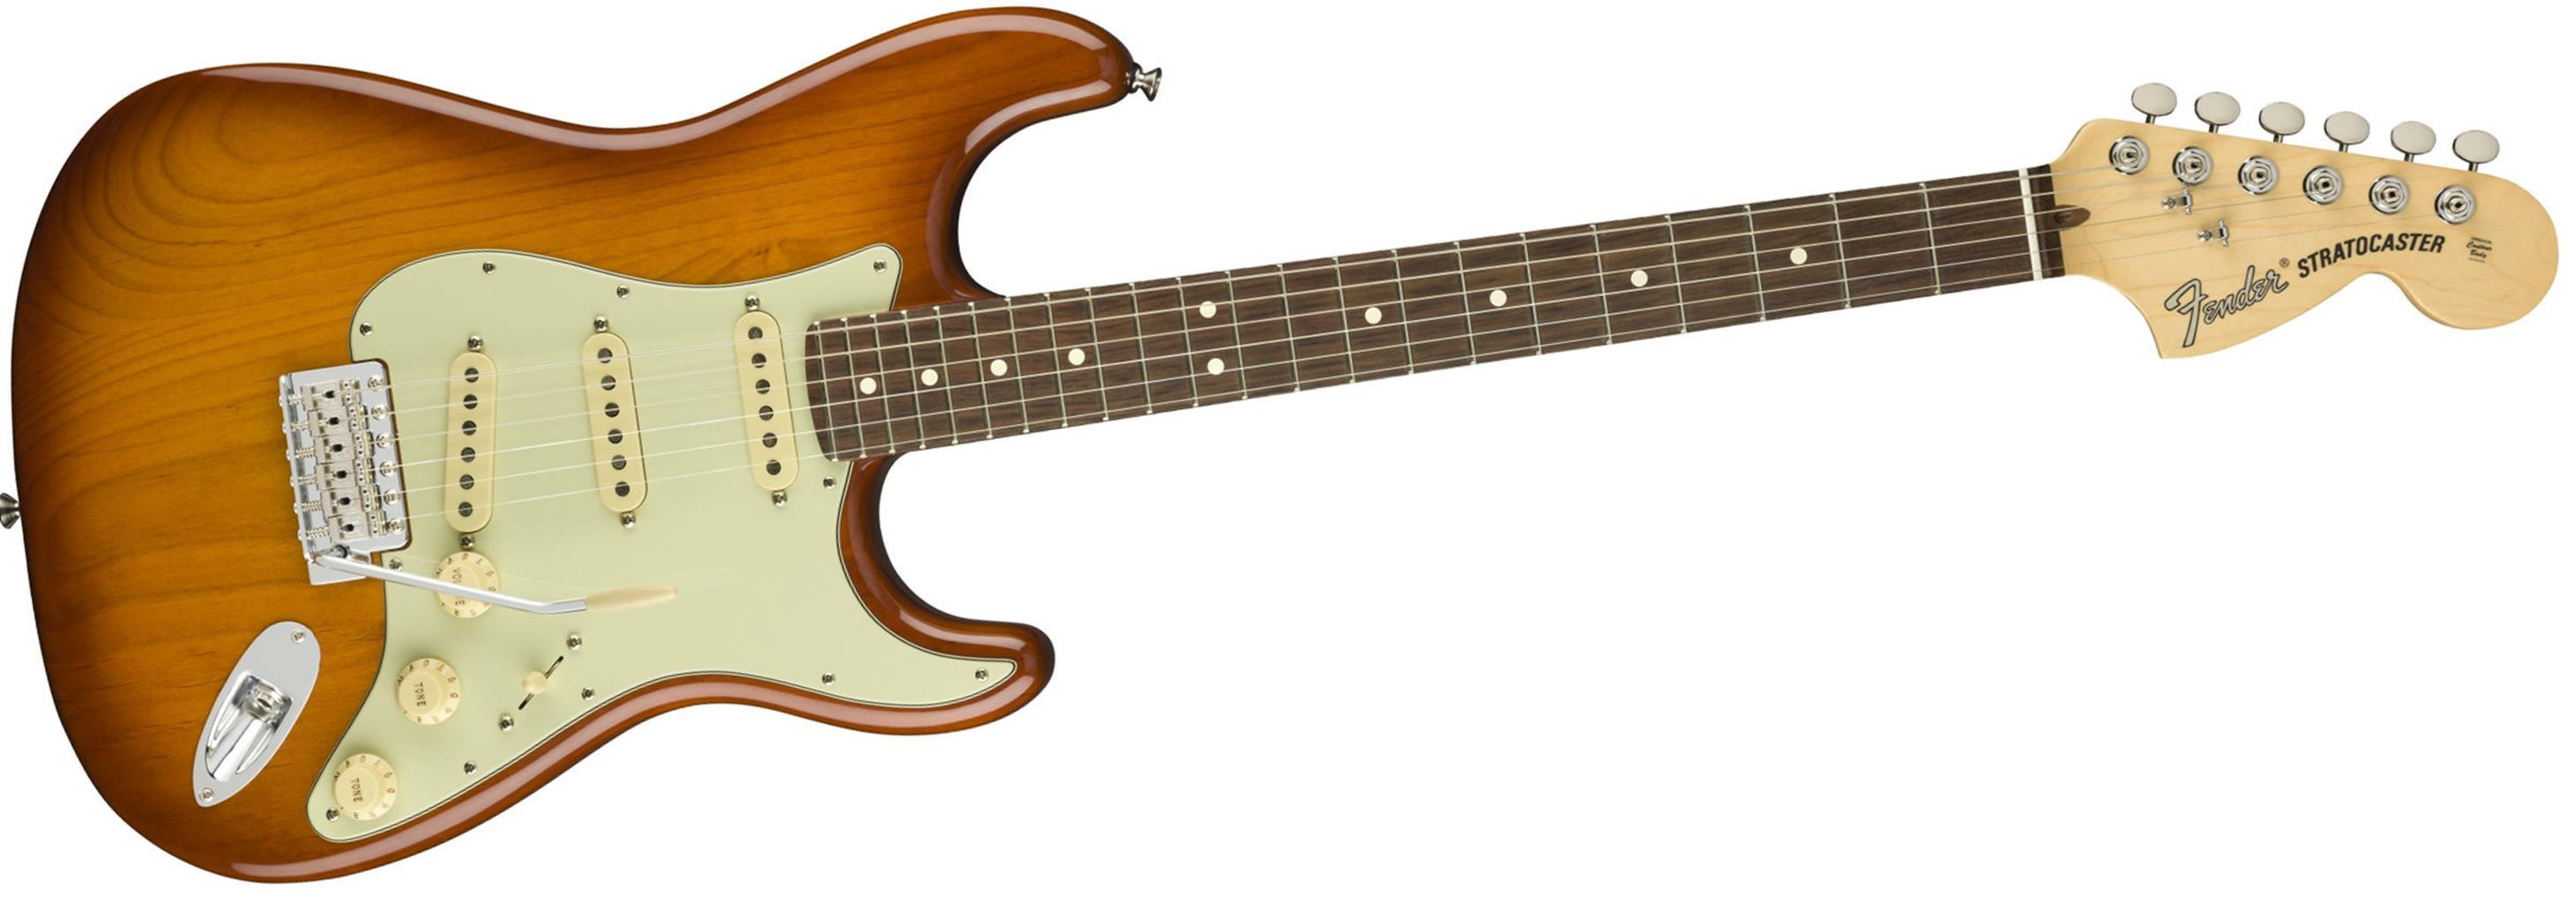 FENDER American Performer Stratocaster Honey Burst RW 0114910342